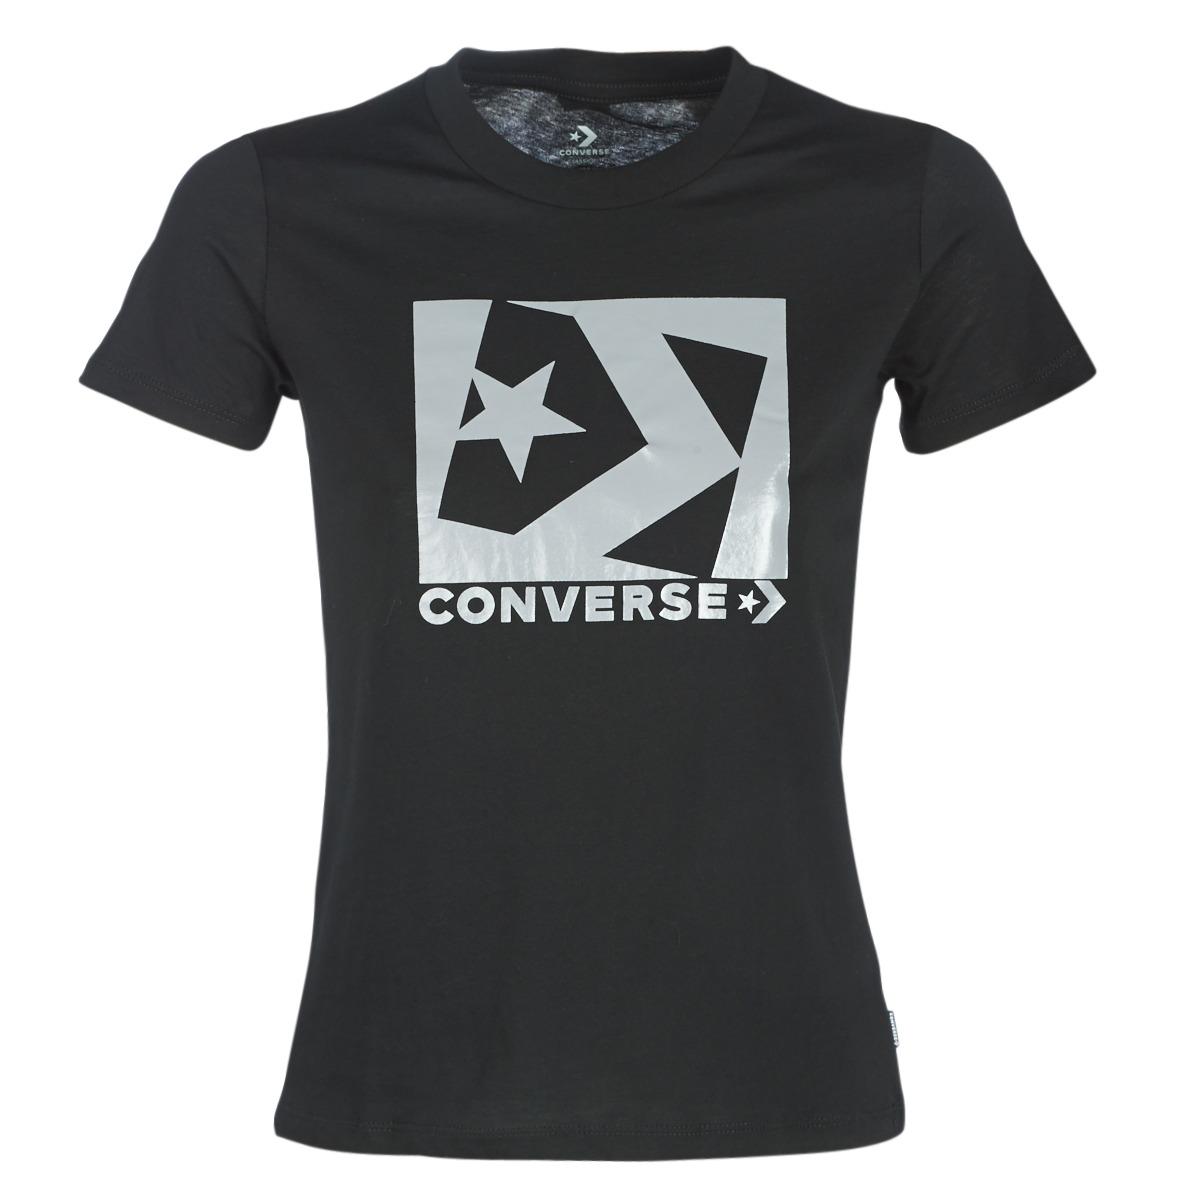 861e1861217 Converse Trička s krátkým rukávem BOX STAR CHEVRON TEE Converse ...